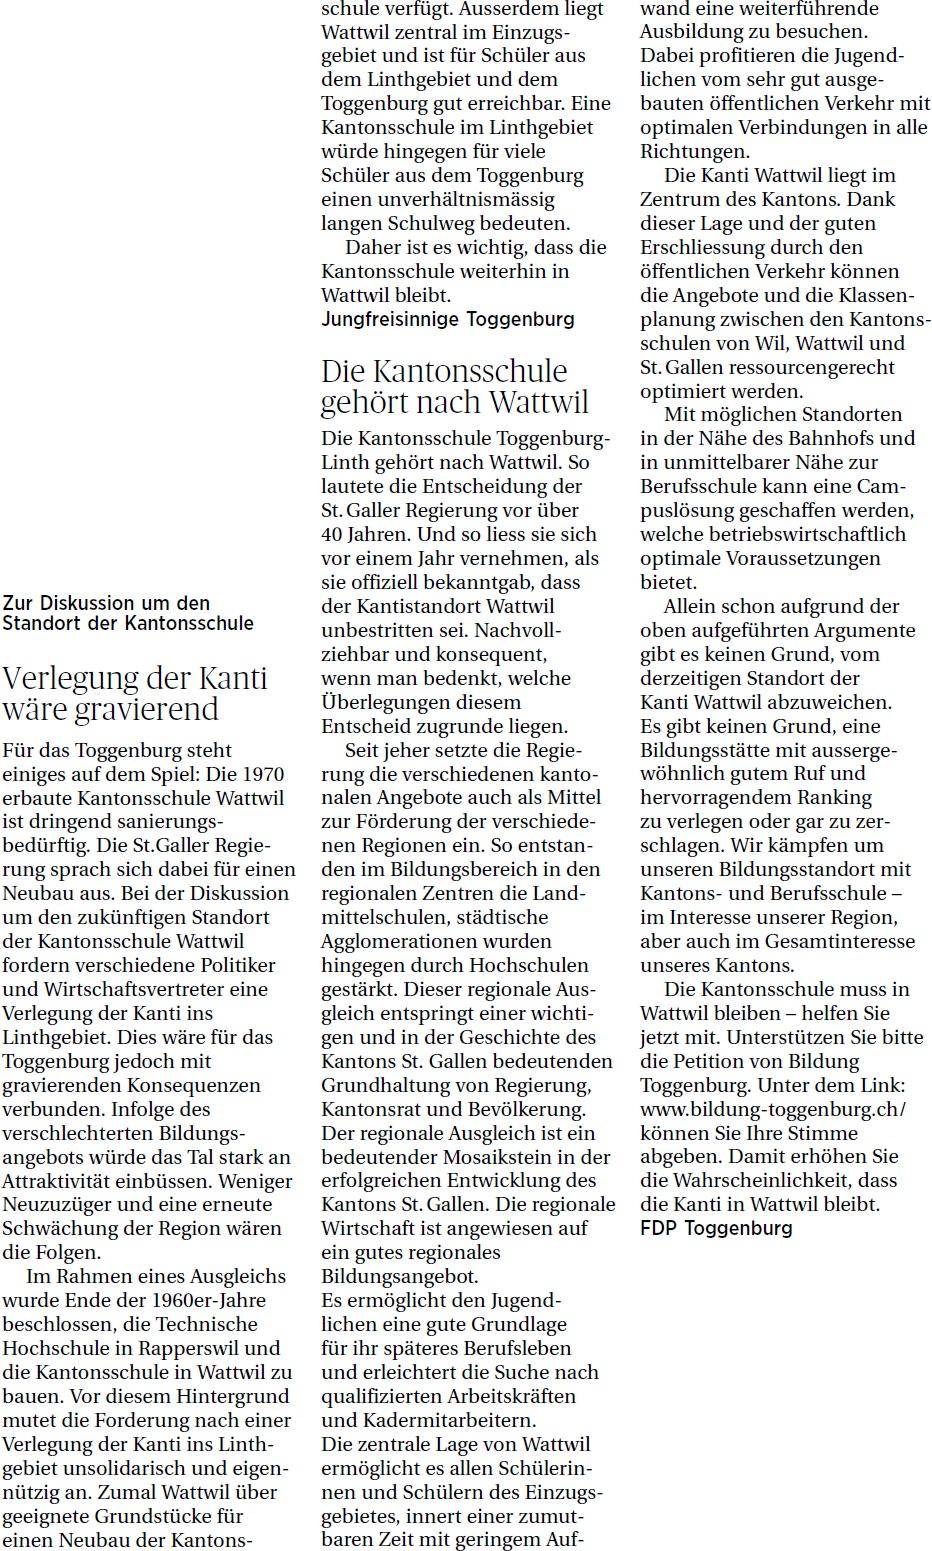 Die Kantonsschule gehört nach Wattwil (Freitag, 14.03.2014)